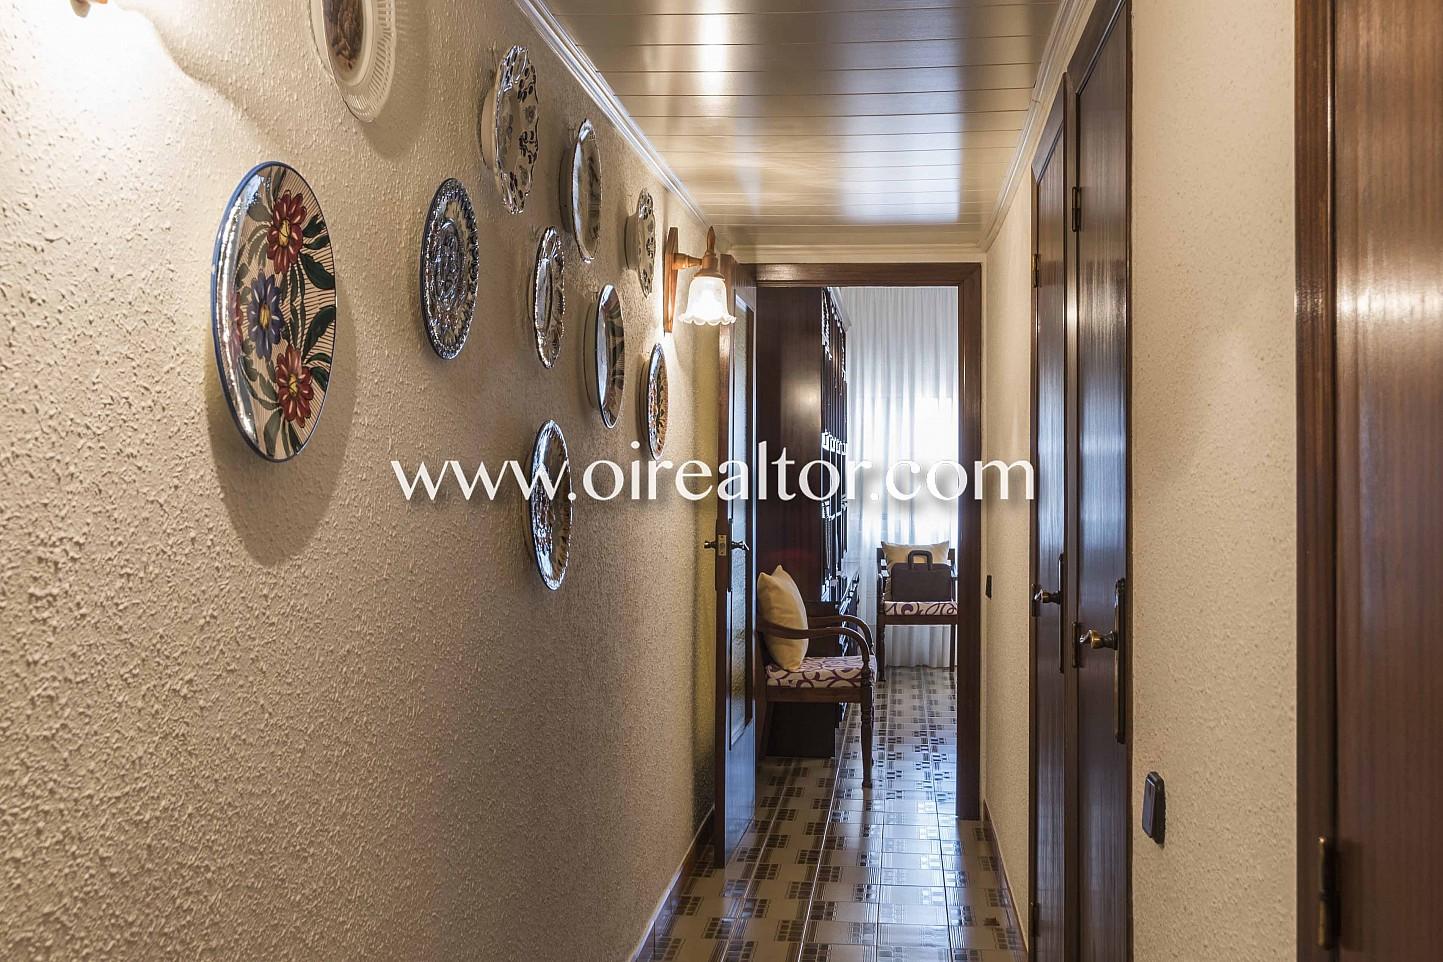 pasillo, distribuidor, habitaciones, suelo de mosaico, mosaico,